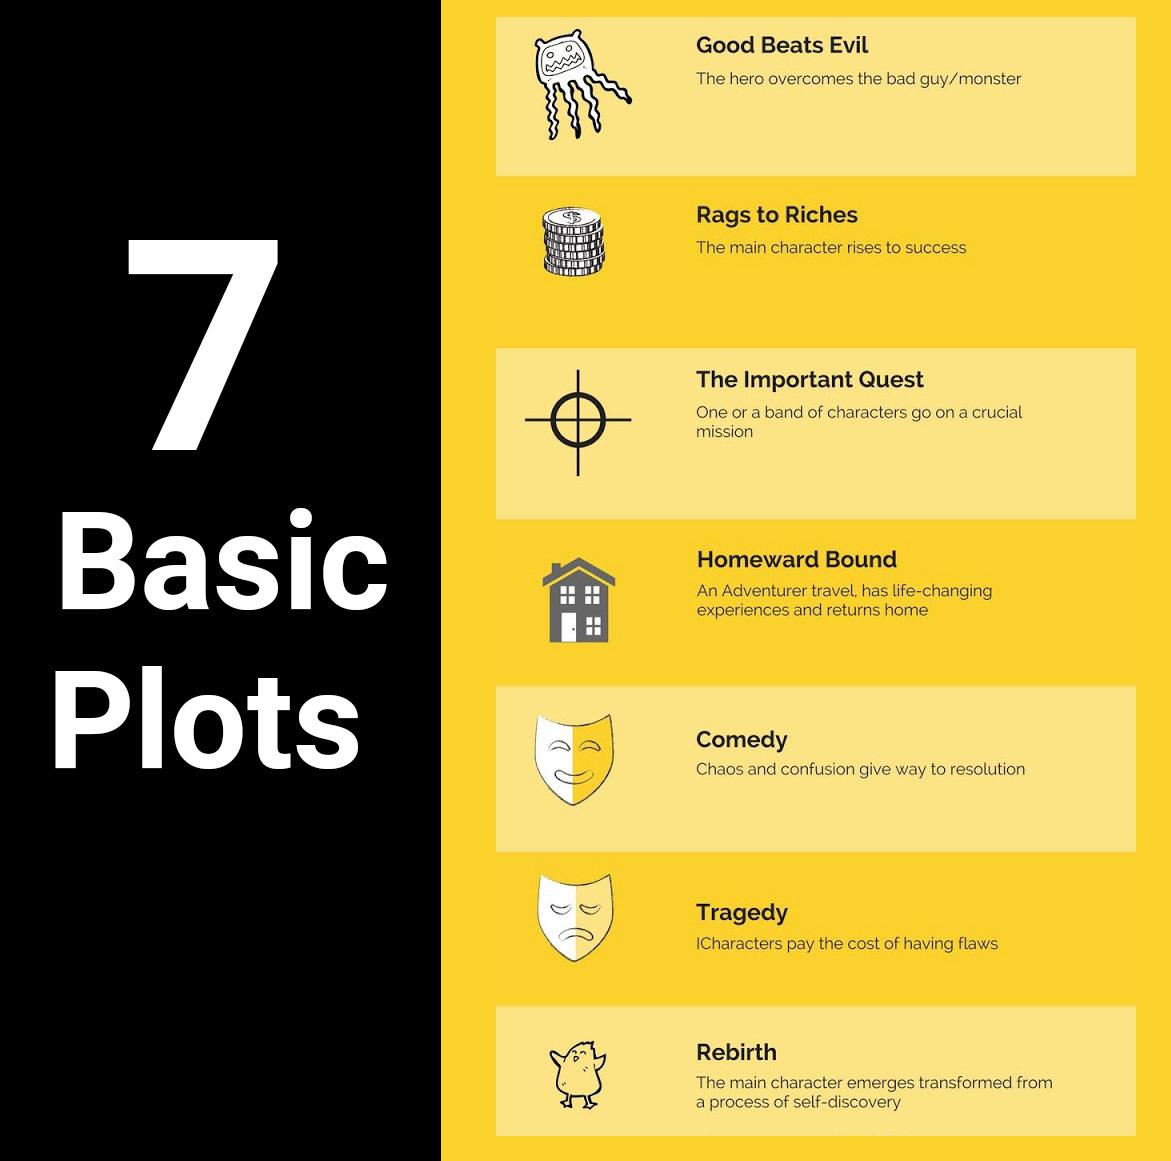 7-Basic-Plots